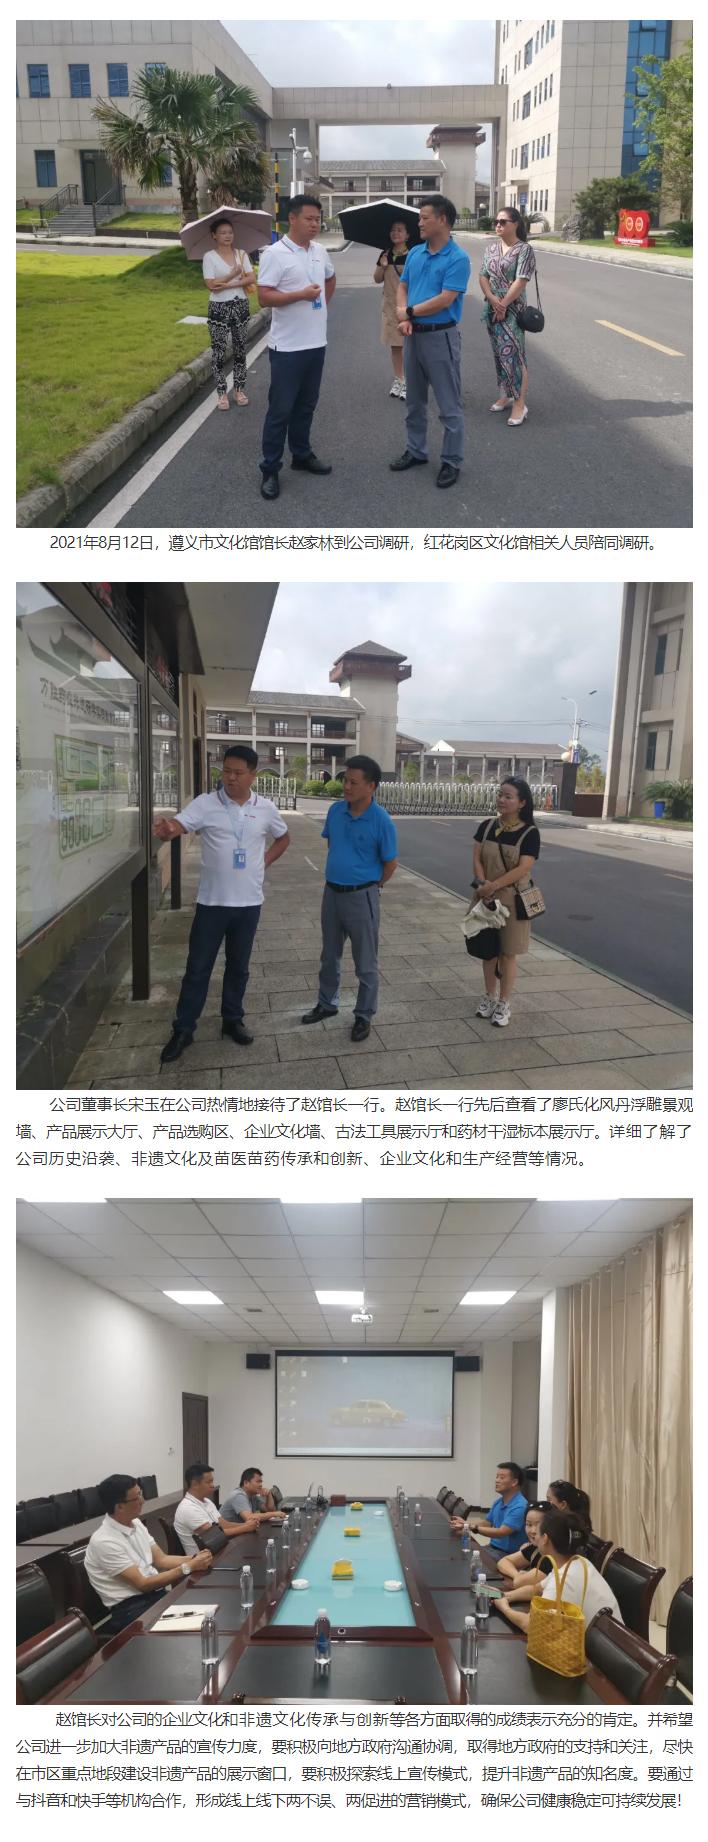 遵义市文化馆馆长赵家林到公司调研.jpg